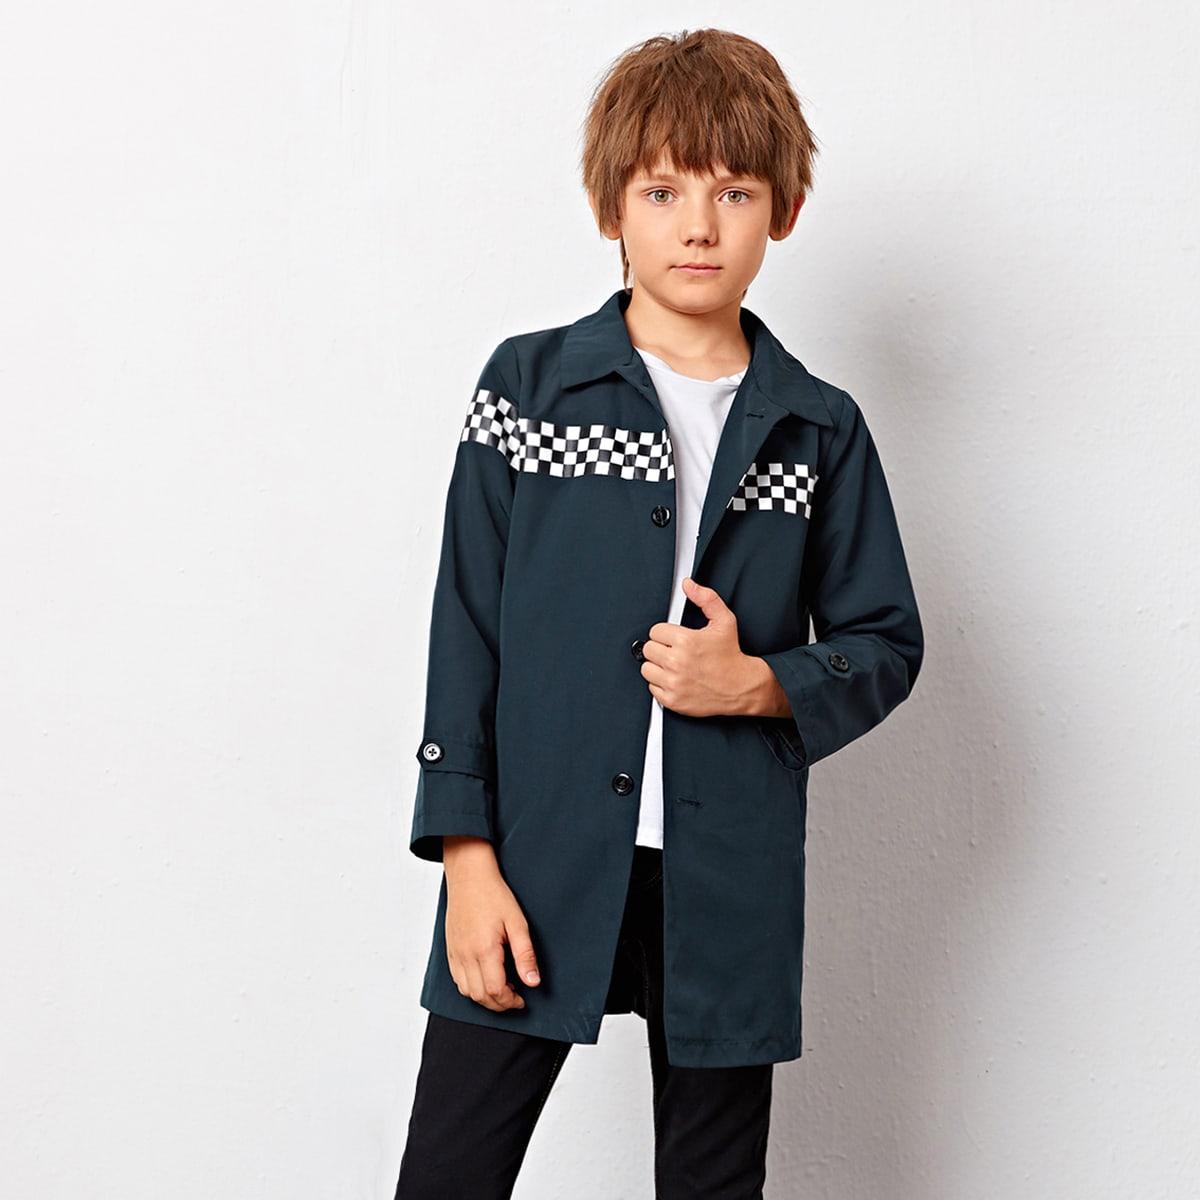 Mantel mit einreihigen Knöpfen und Karo Muster Einsatz